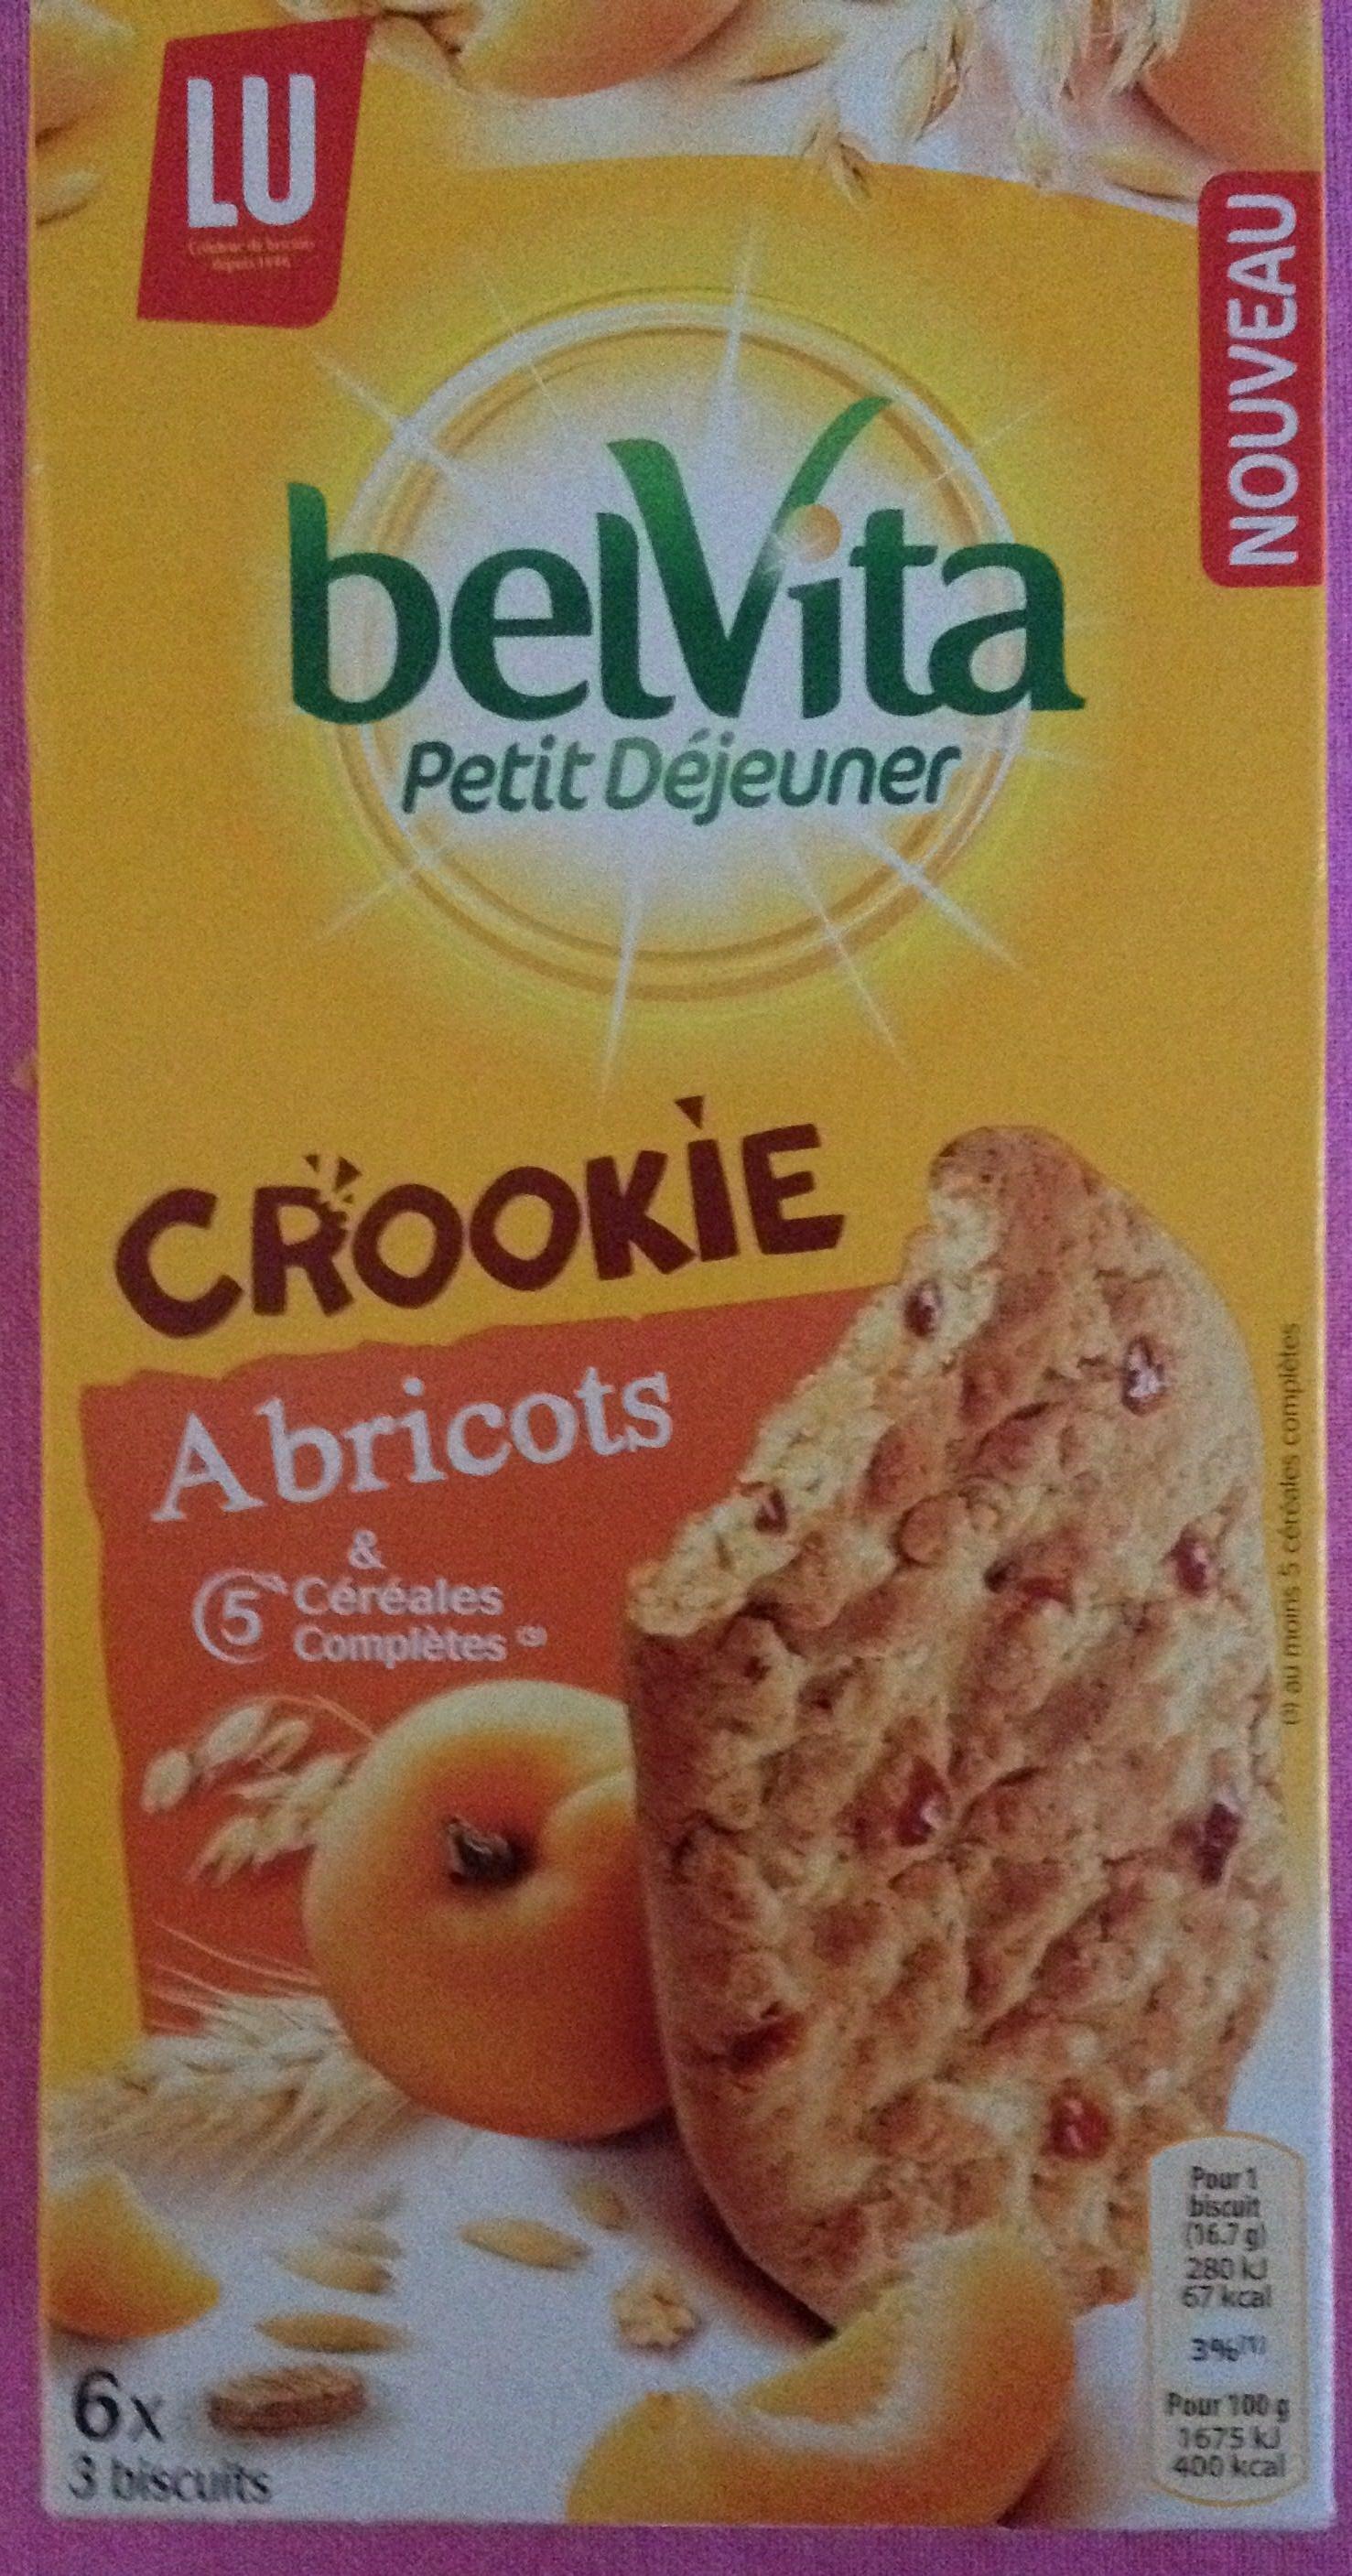 Belvita Crookie Abricots & 5 céréales complètes - Produit